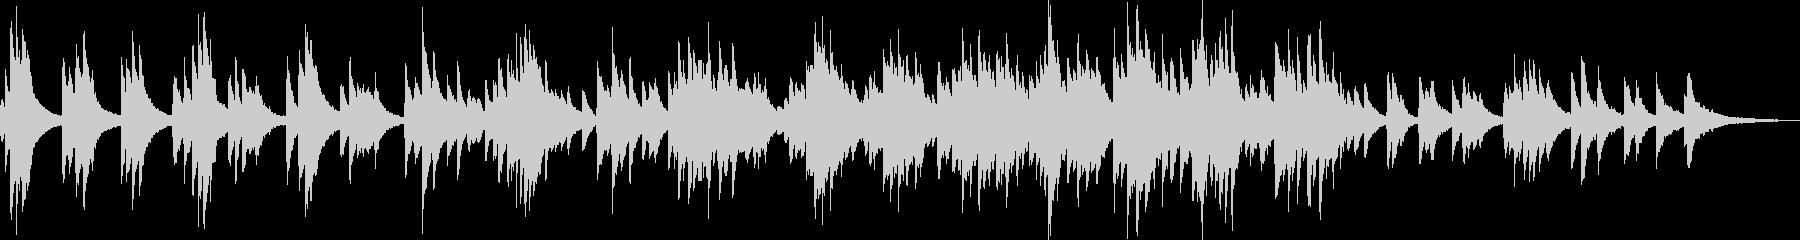 優しくて切ない感動的なピアノバラードの未再生の波形